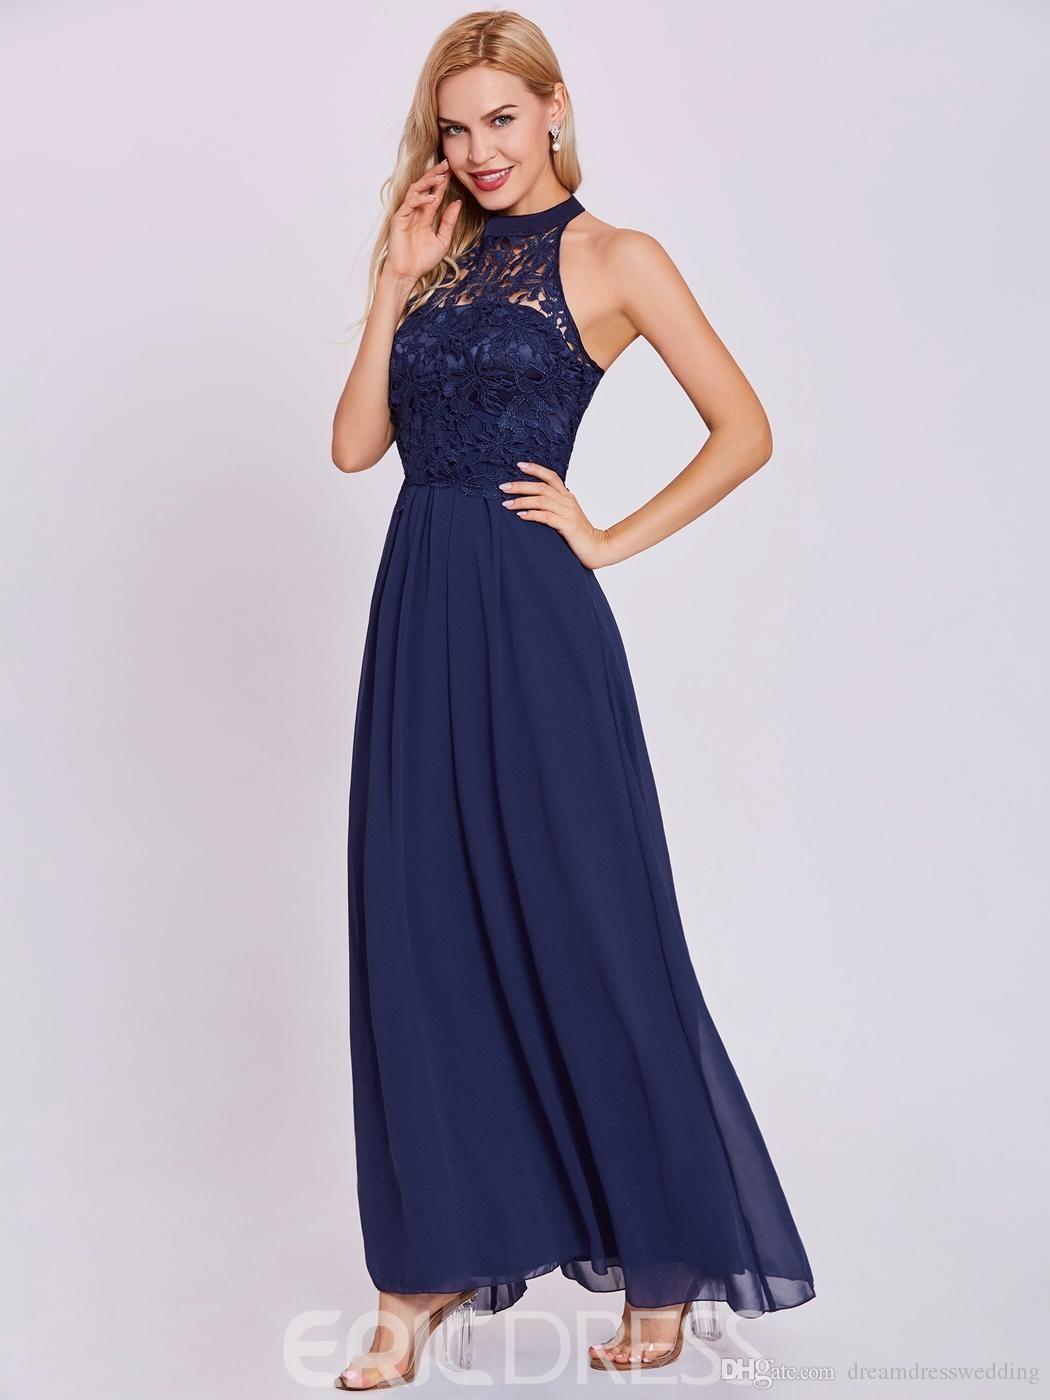 kleid abschlussball - Top Modische Kleider  Kleider, Kleid